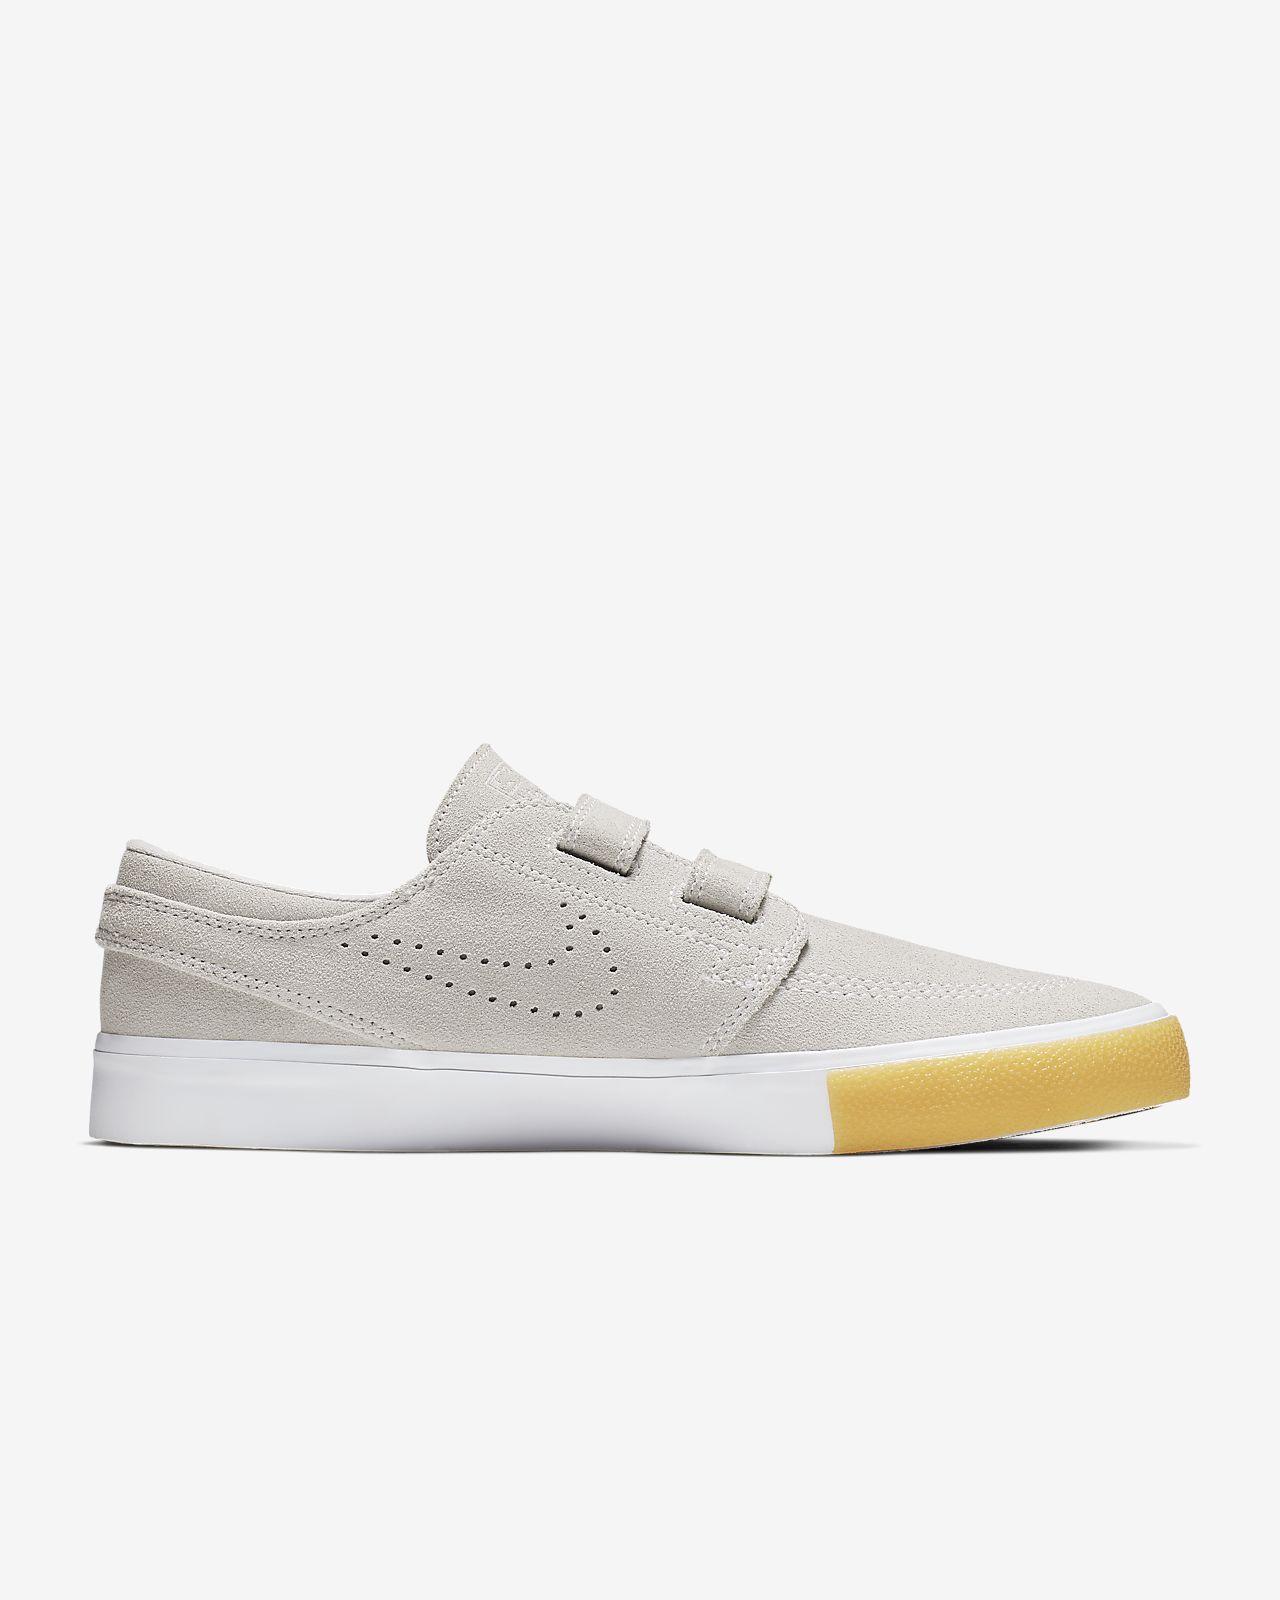 c2b570ca197b1 Nike SB Zoom Janoski AC RM SE Skate Shoe. Nike.com AT